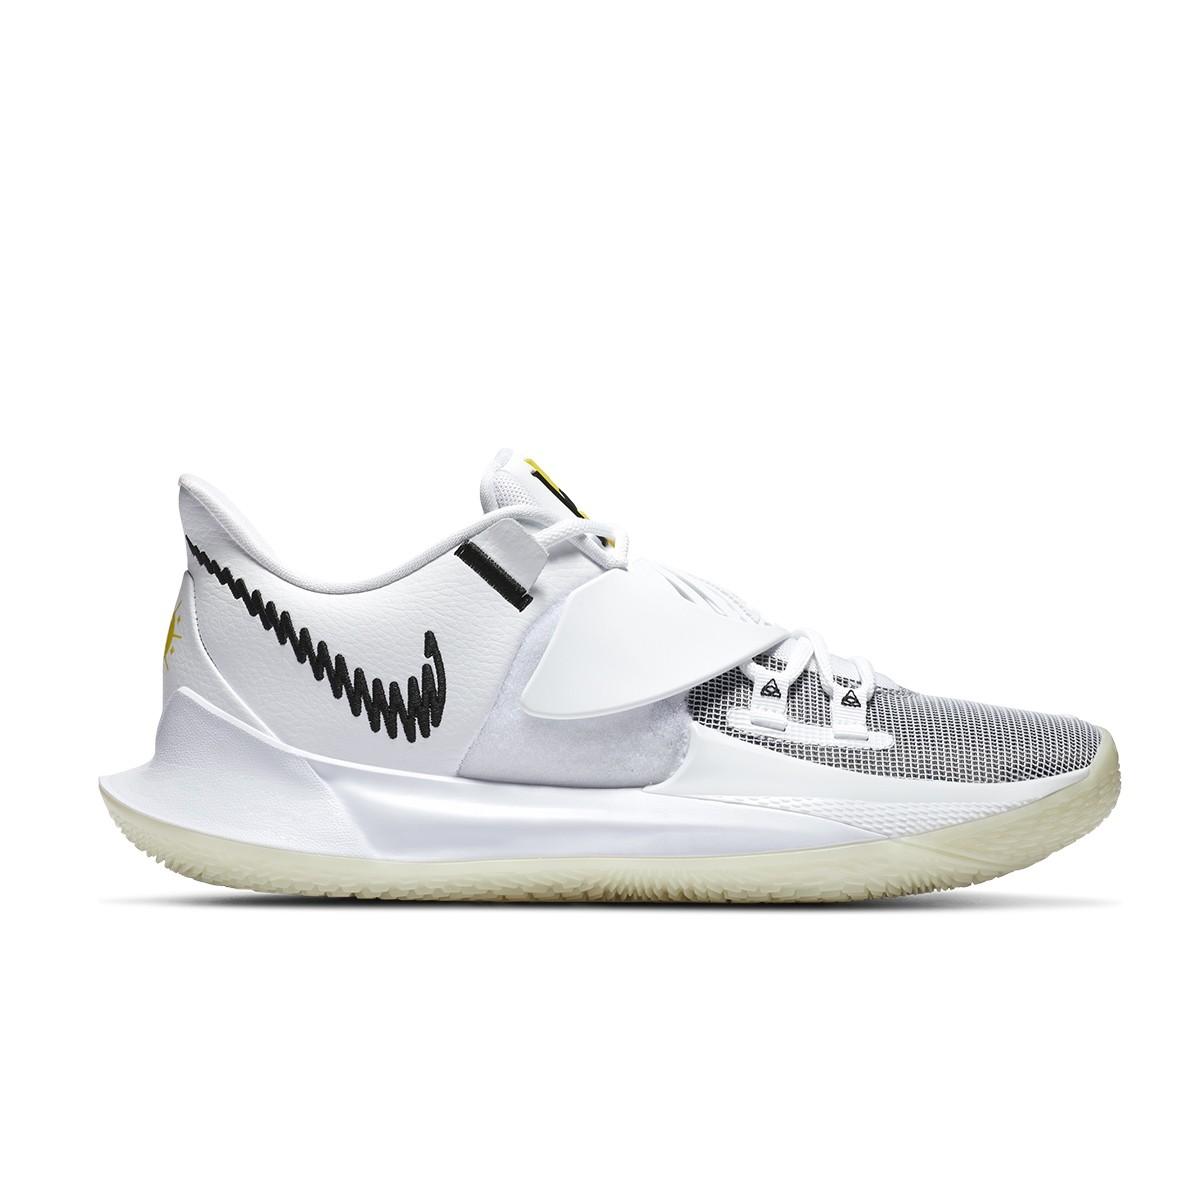 Nike Kyrie Low 3 'Eclipse'